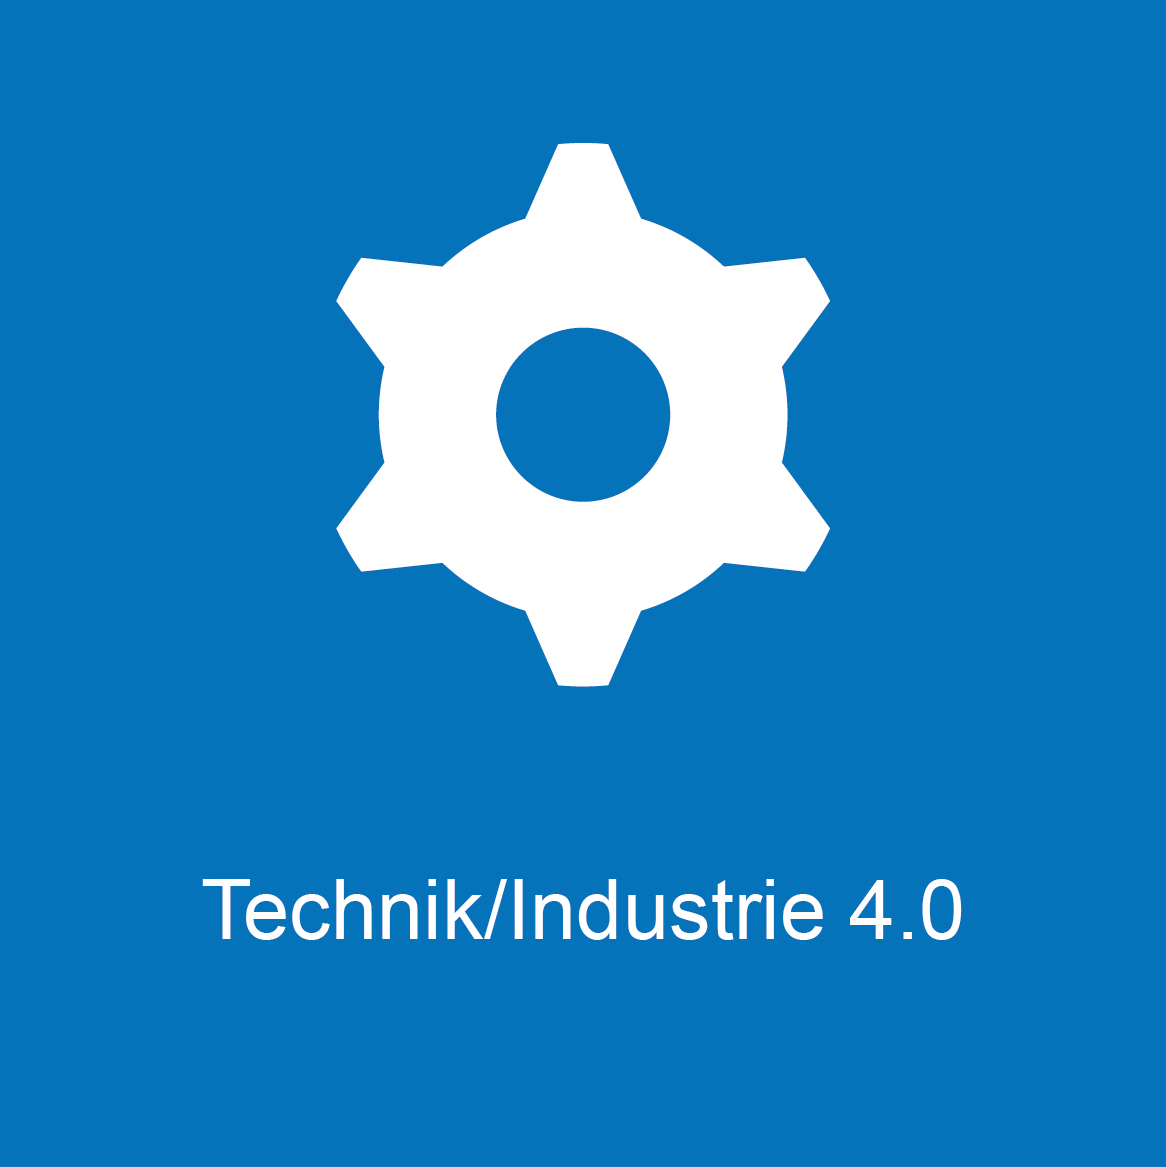 Weiterbildung - Technik/Industrie 4.0